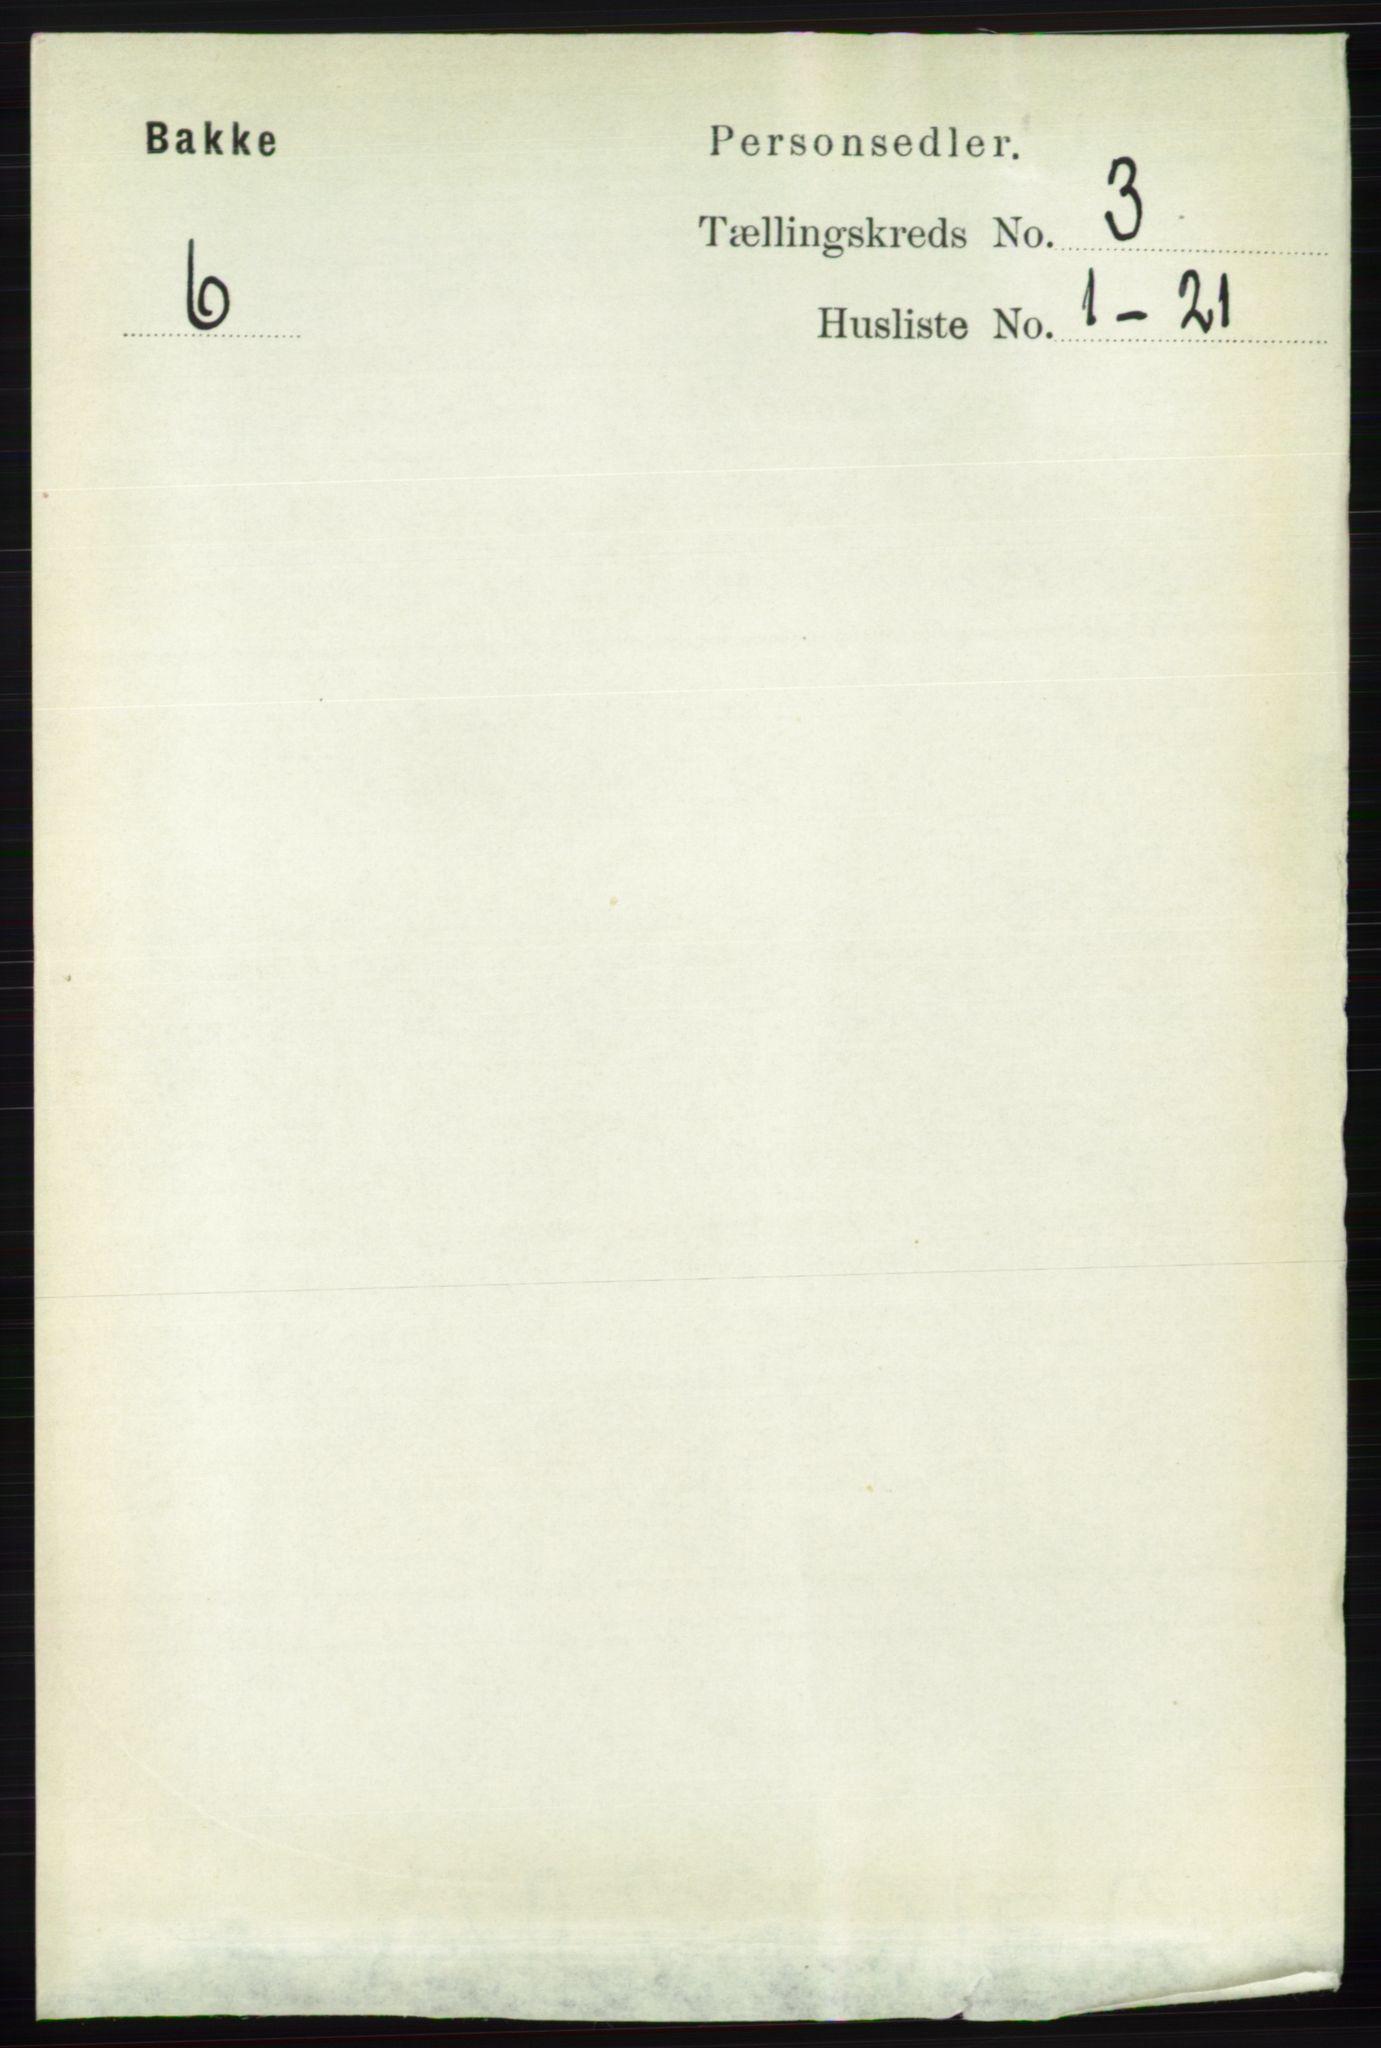 RA, Folketelling 1891 for 1045 Bakke herred, 1891, s. 411